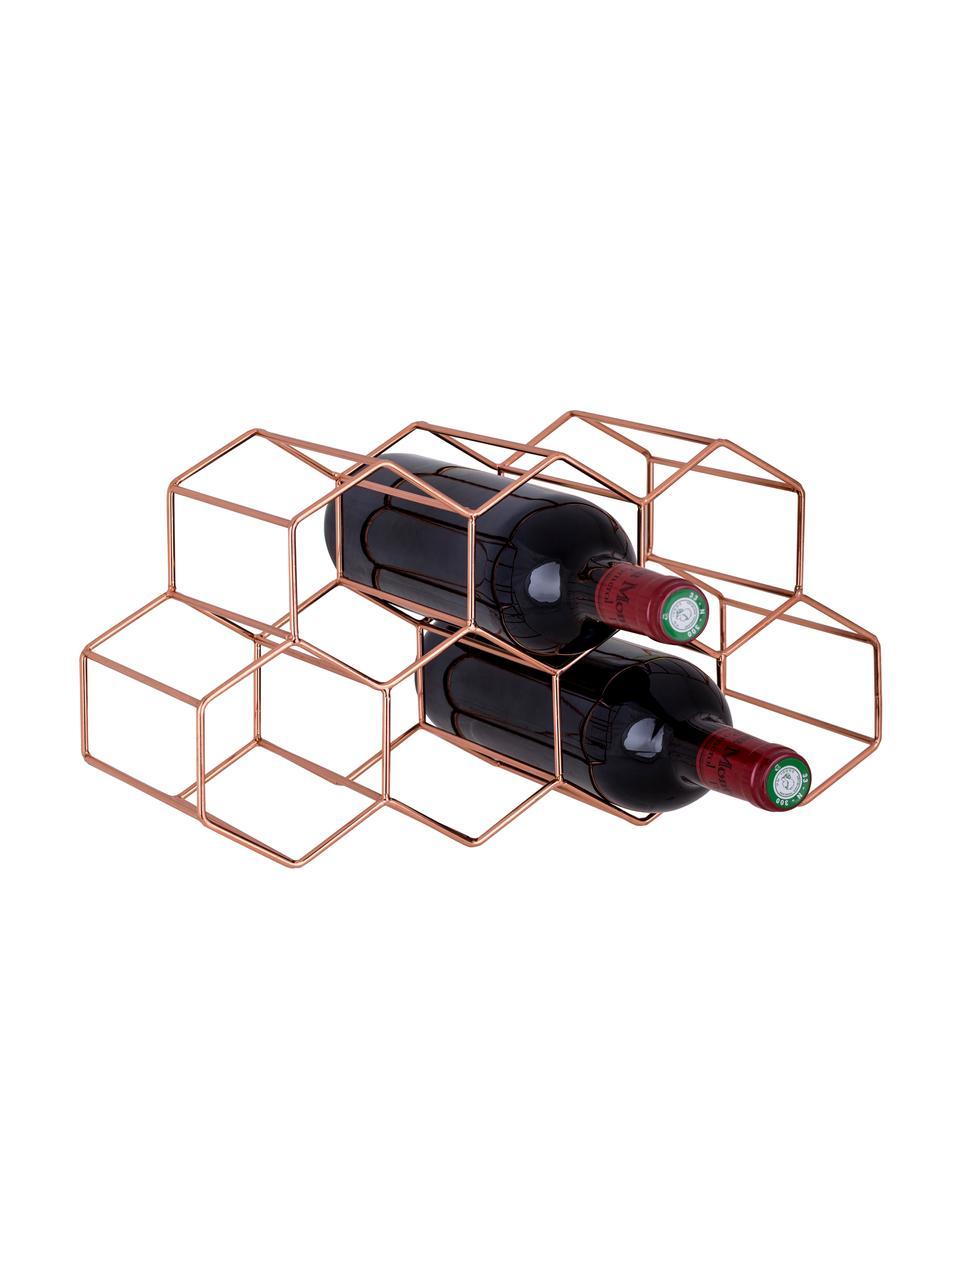 Stojak na wino na 7 butelek Hexagon, Miedź, Różowe złoto, S 37 x W 16 cm